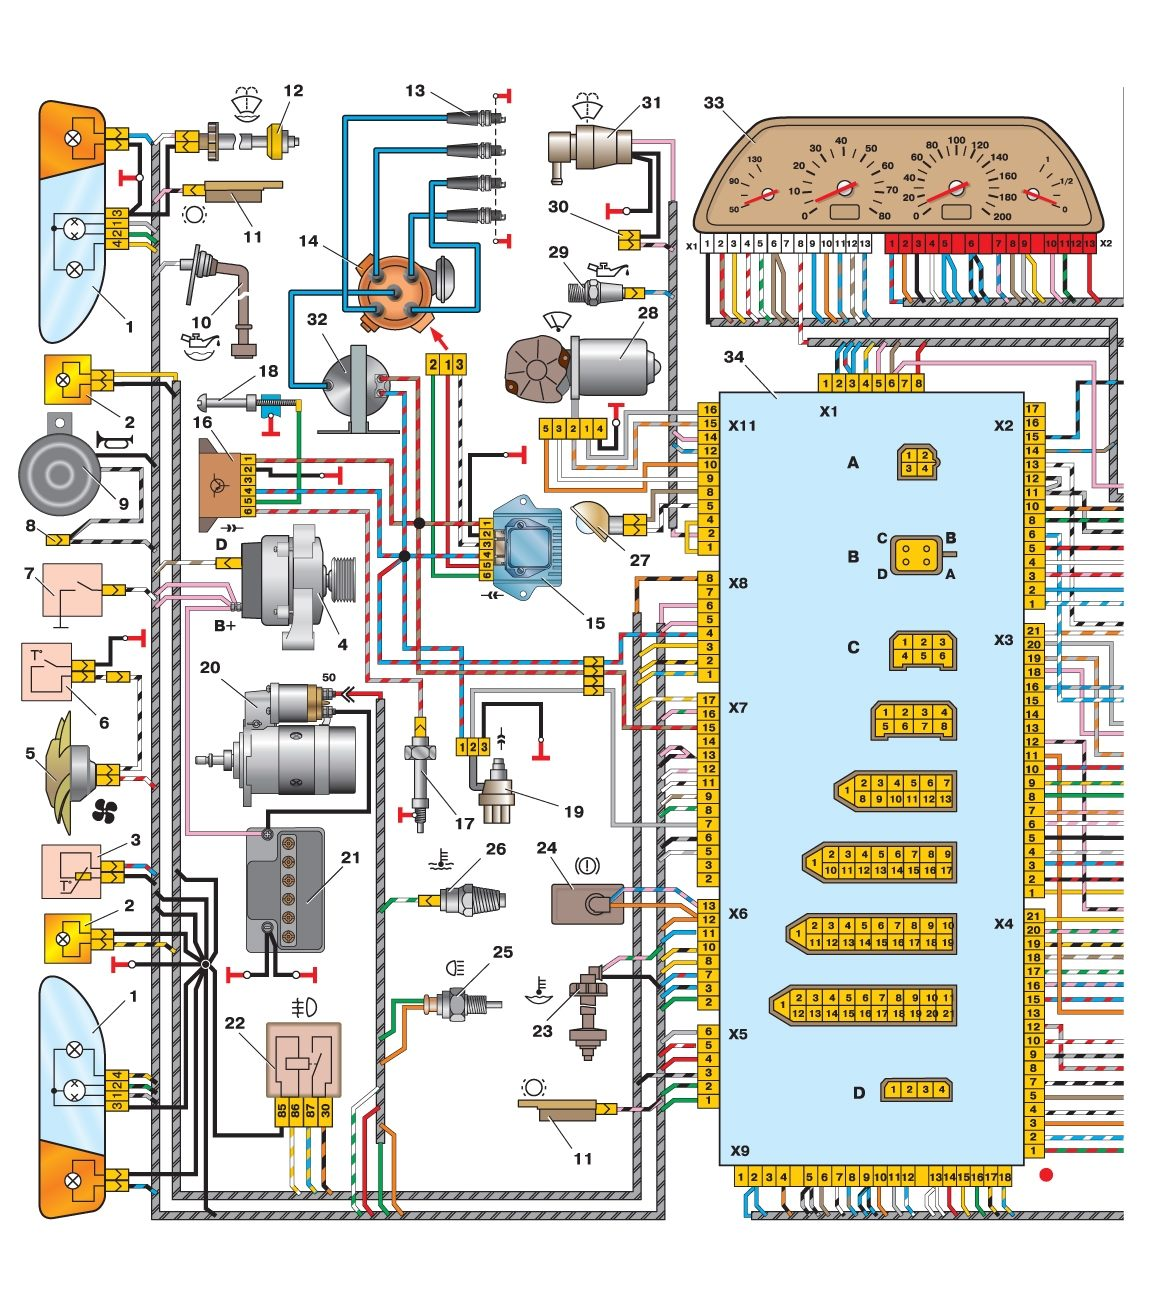 Электрические схемы ВАЗ.  Схемы комбинаций приборов и блоков предохранителей схема соединений монтажного блока...